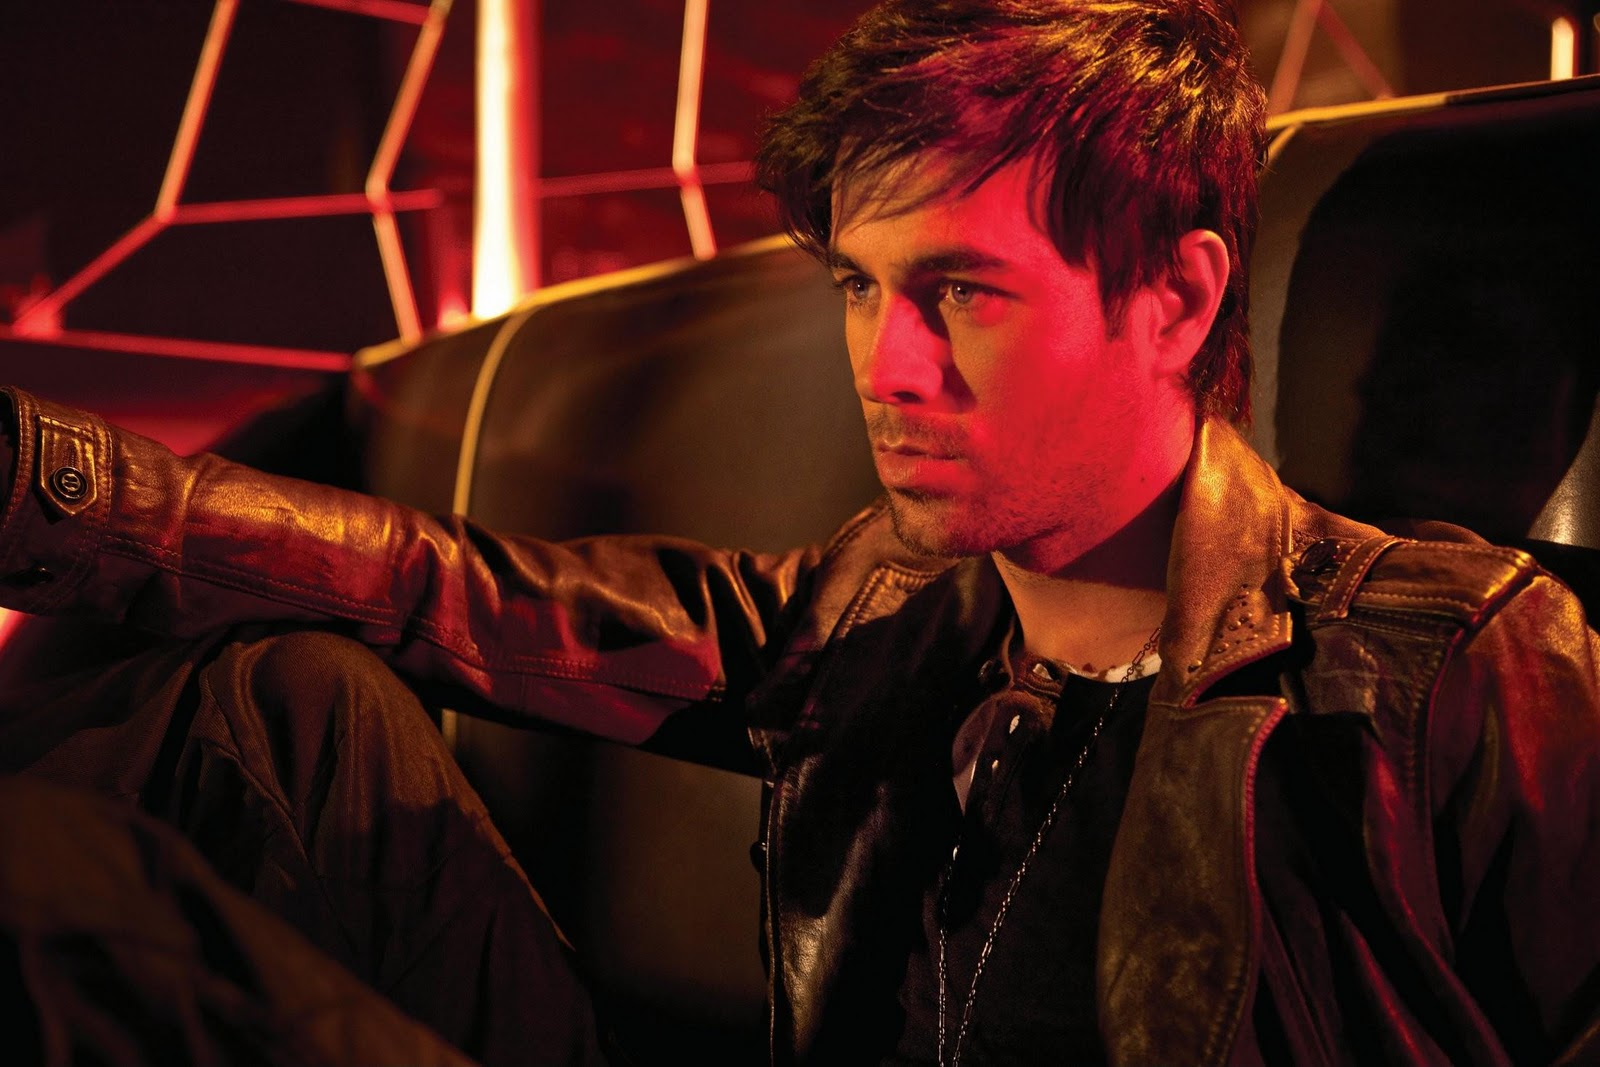 http://2.bp.blogspot.com/_lIyFl0bgYNU/TVLUgaR2oxI/AAAAAAAAAic/YfGIHbA_Svg/s1600/Enrique+37.jpg